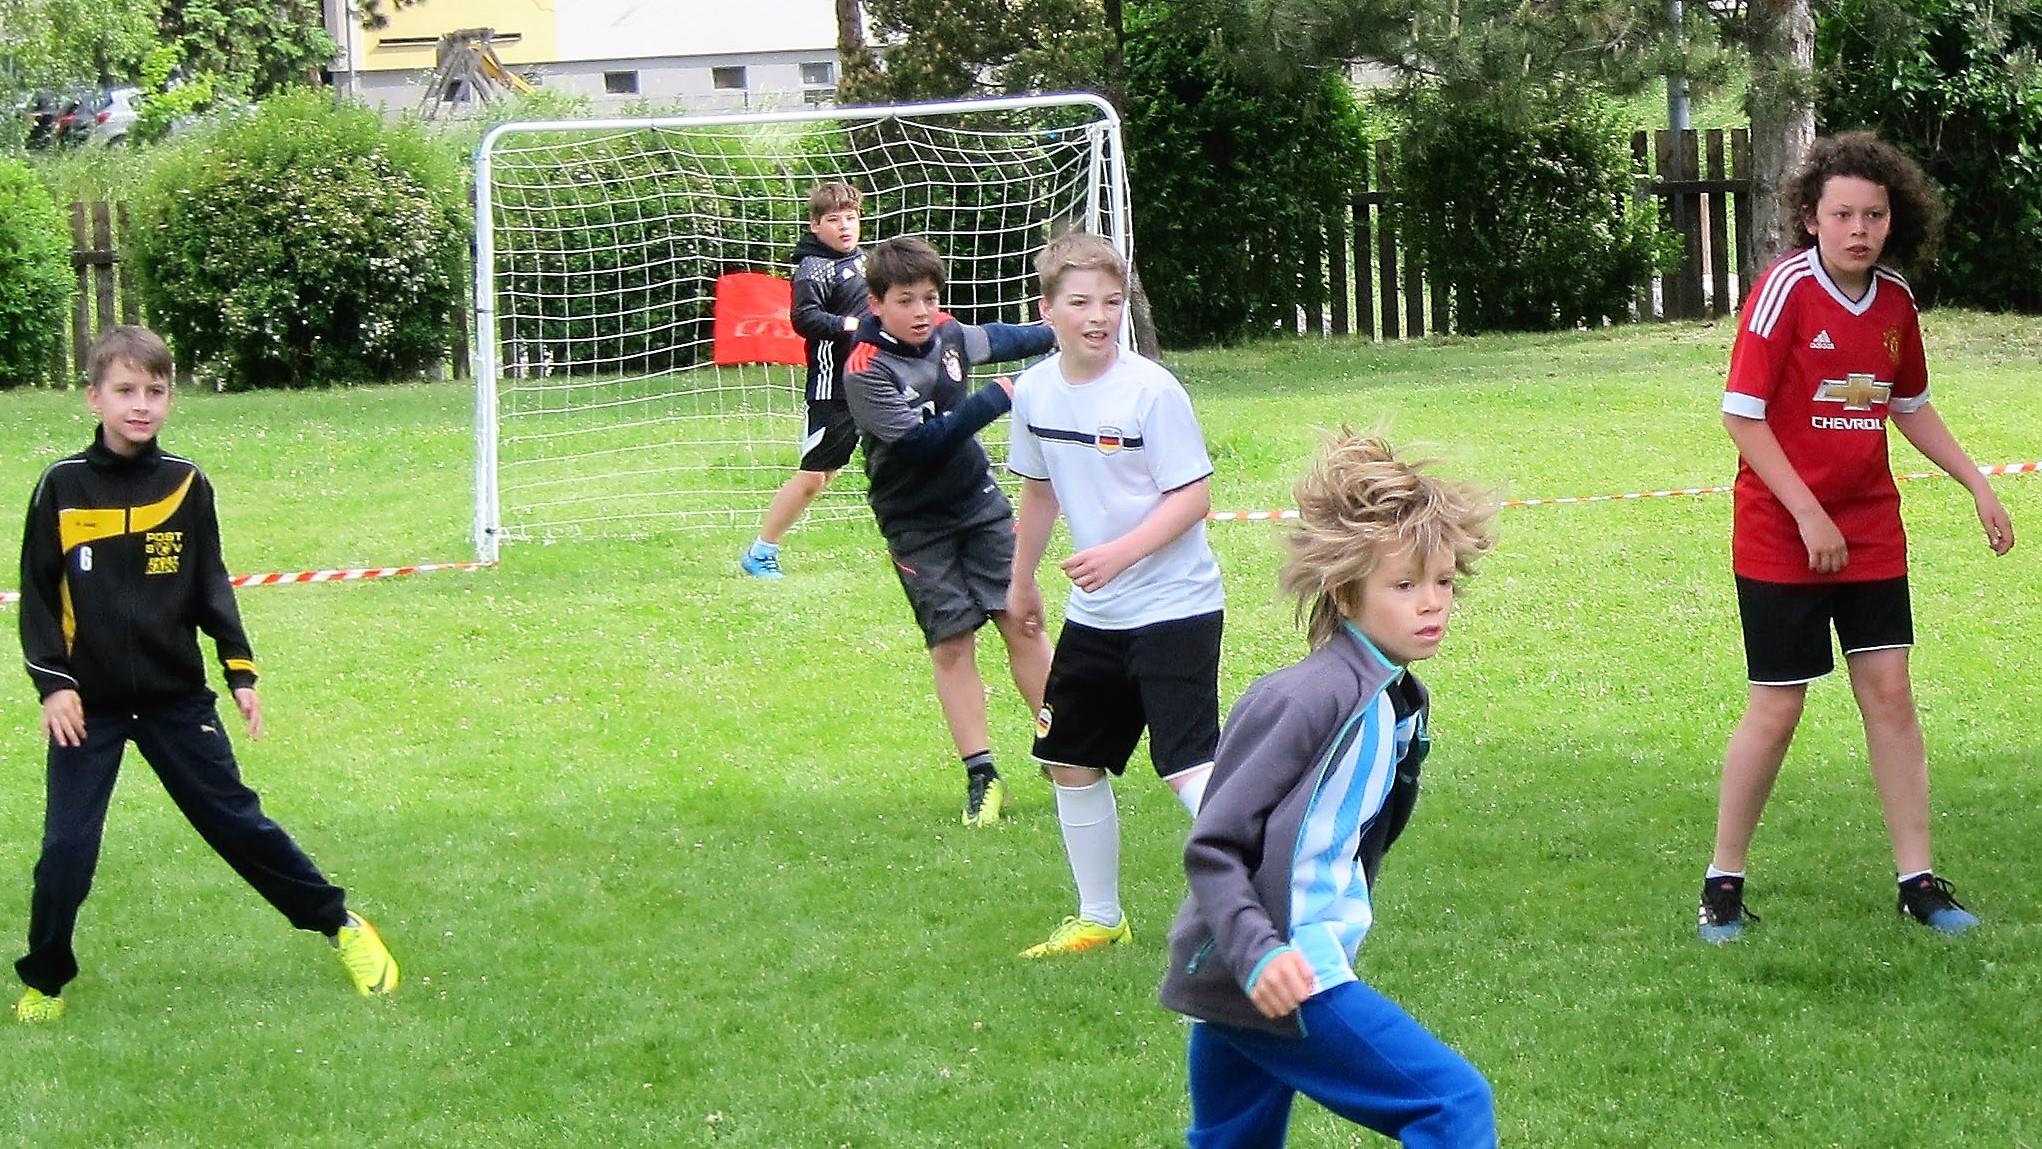 KaRoLieBe – Hobbyfußballturnier bzw. -training  in der Pfarre Rodaun!